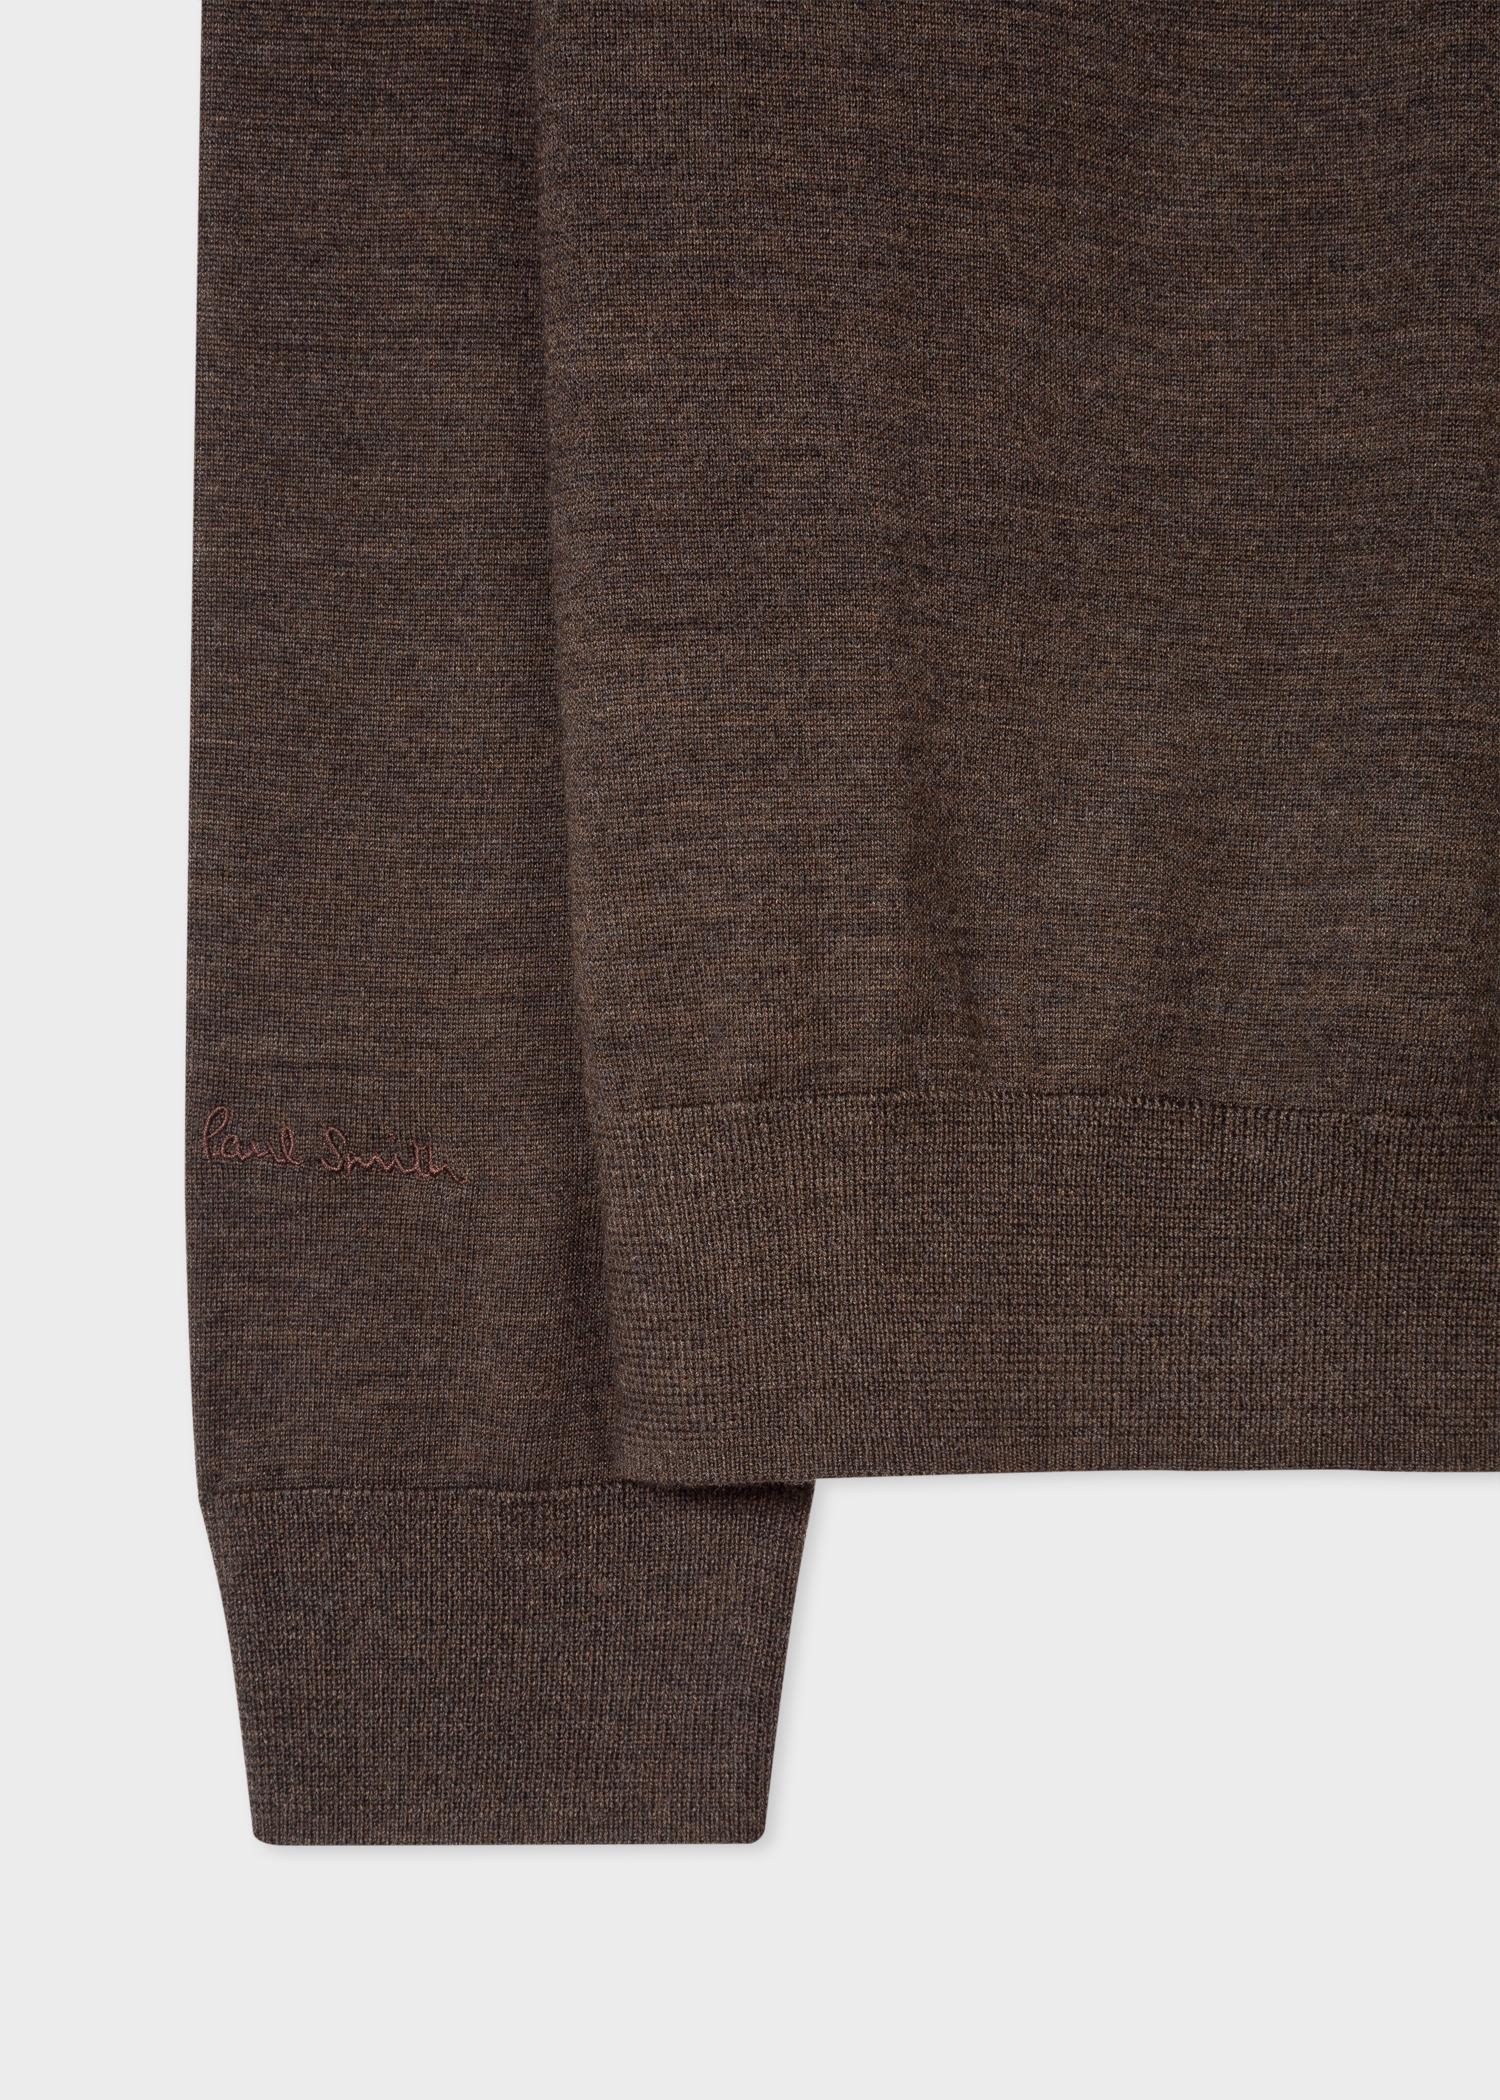 ddb96be7fb0 Men's Hazelnut Funnel Neck Merino Wool Half-Zip Sweater